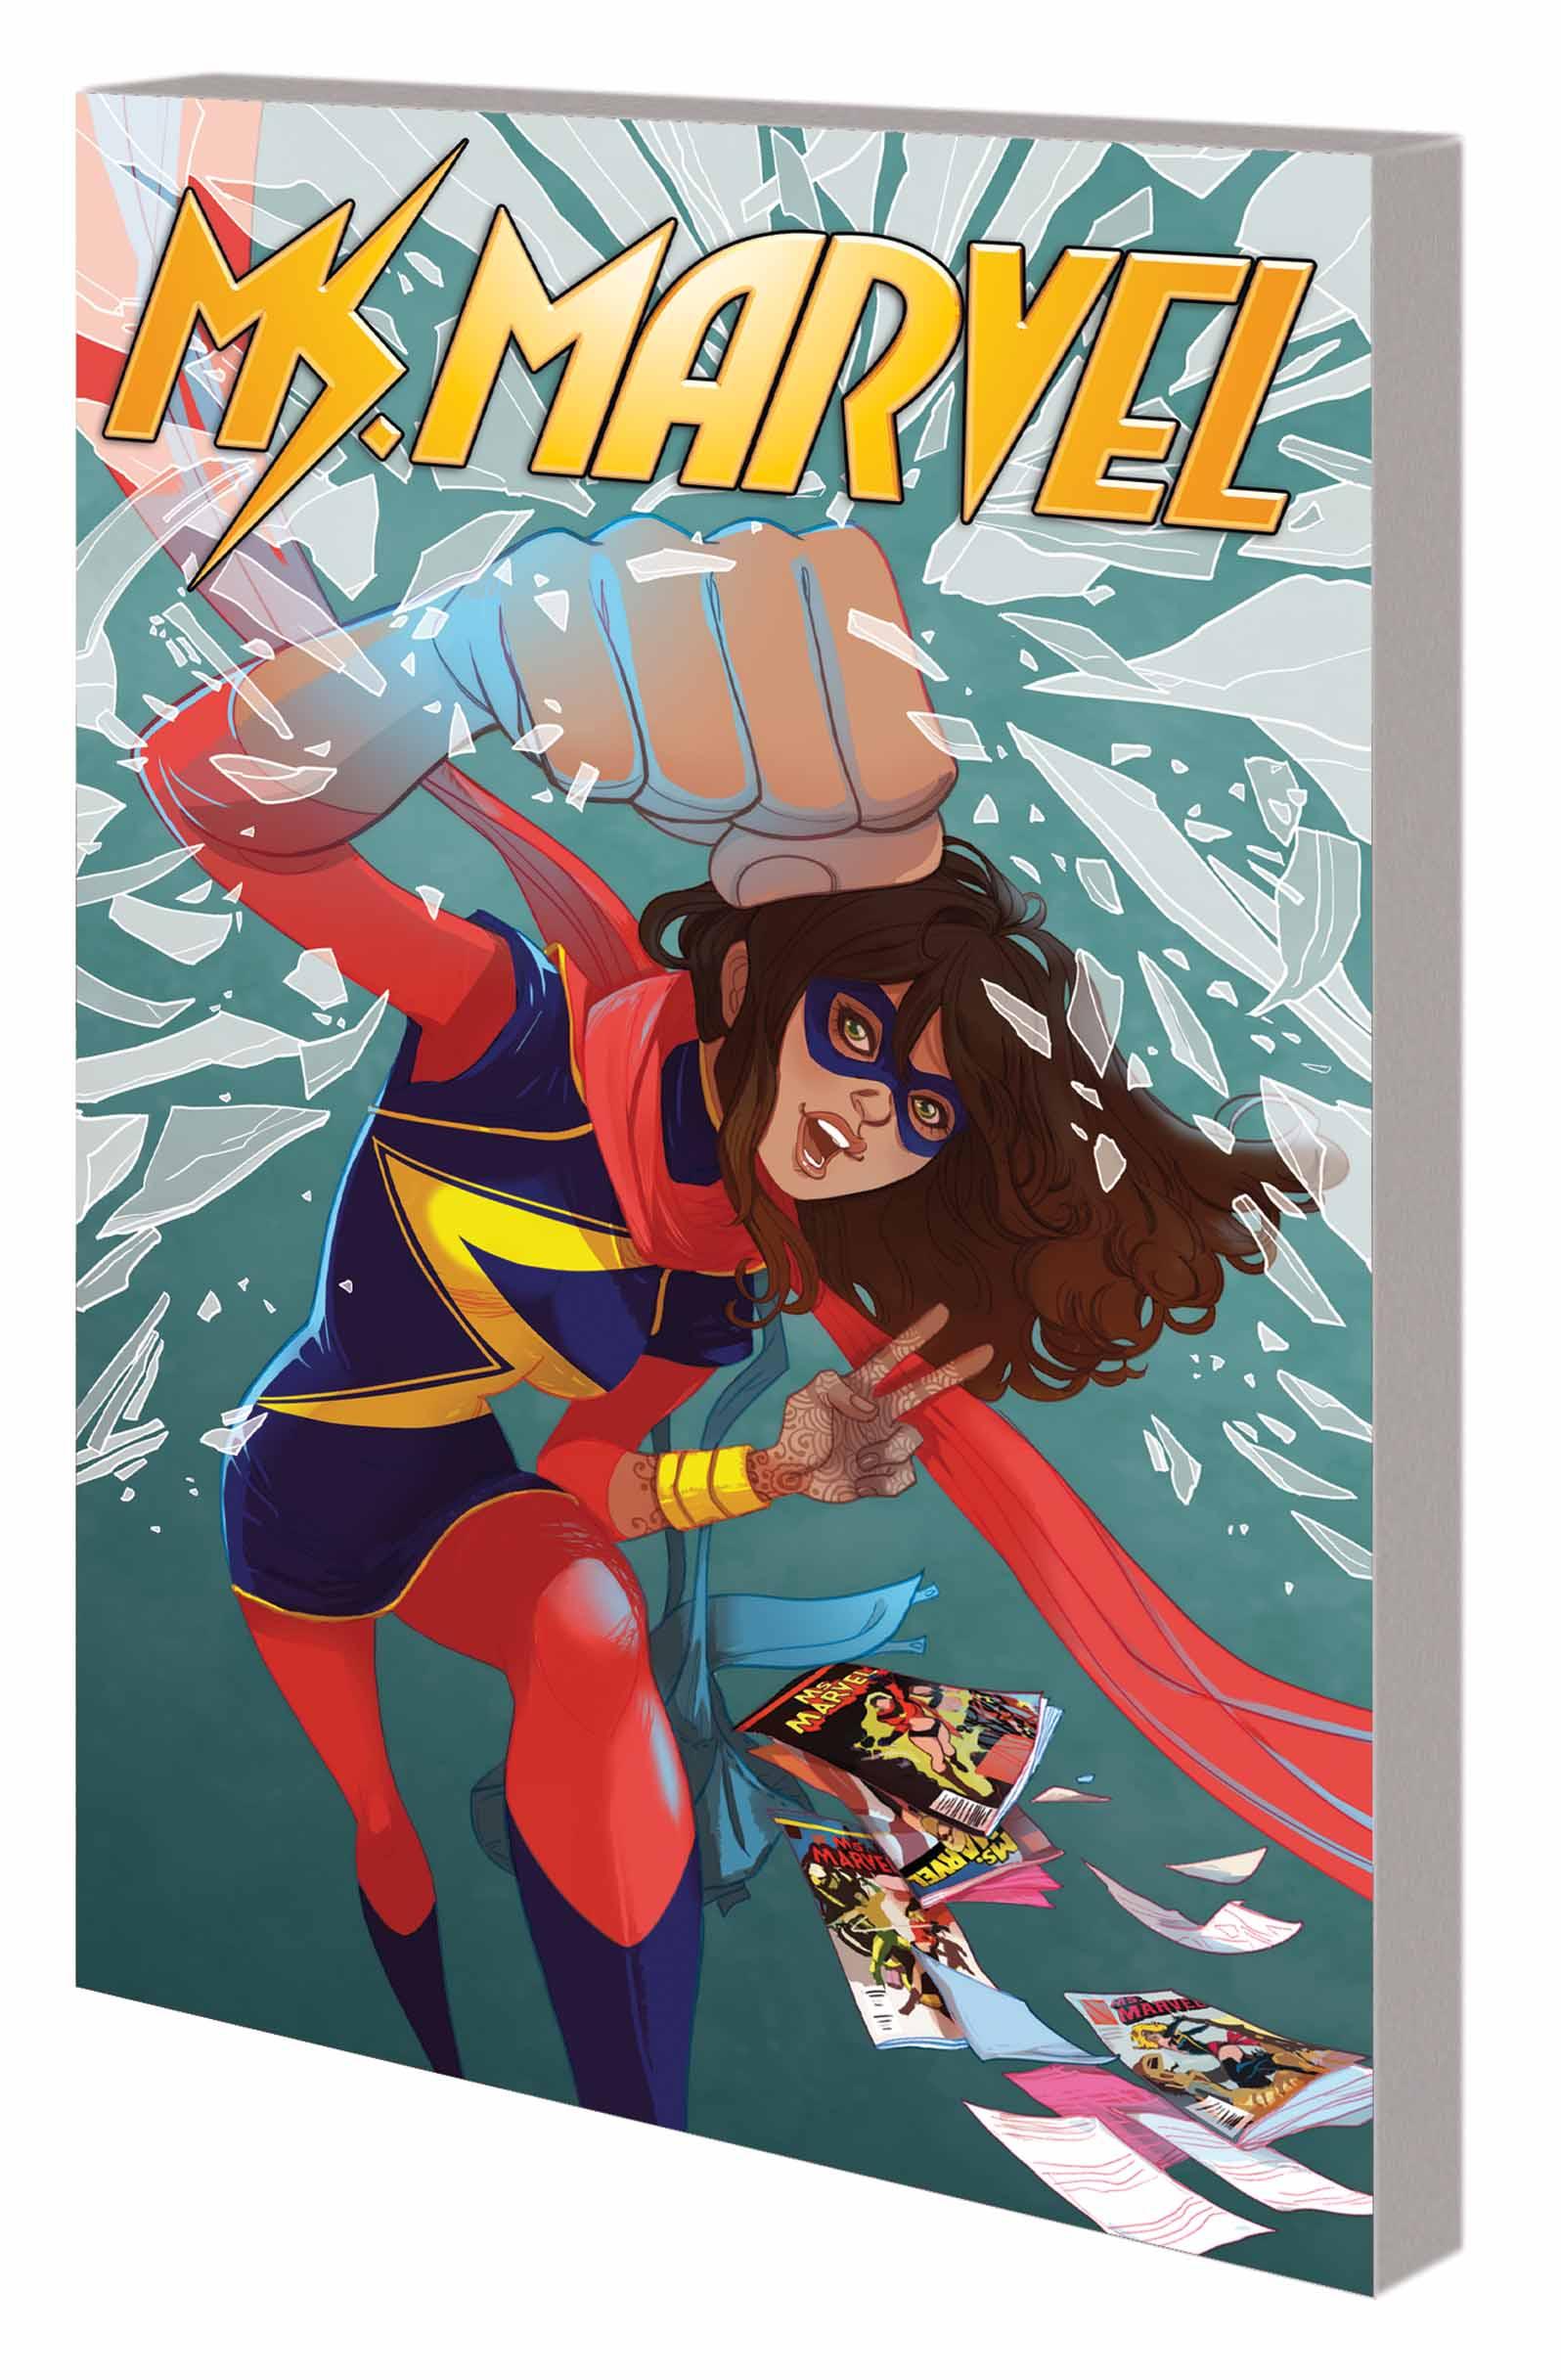 Ms. Marvel Vol. 3: Crushed (Trade Paperback)